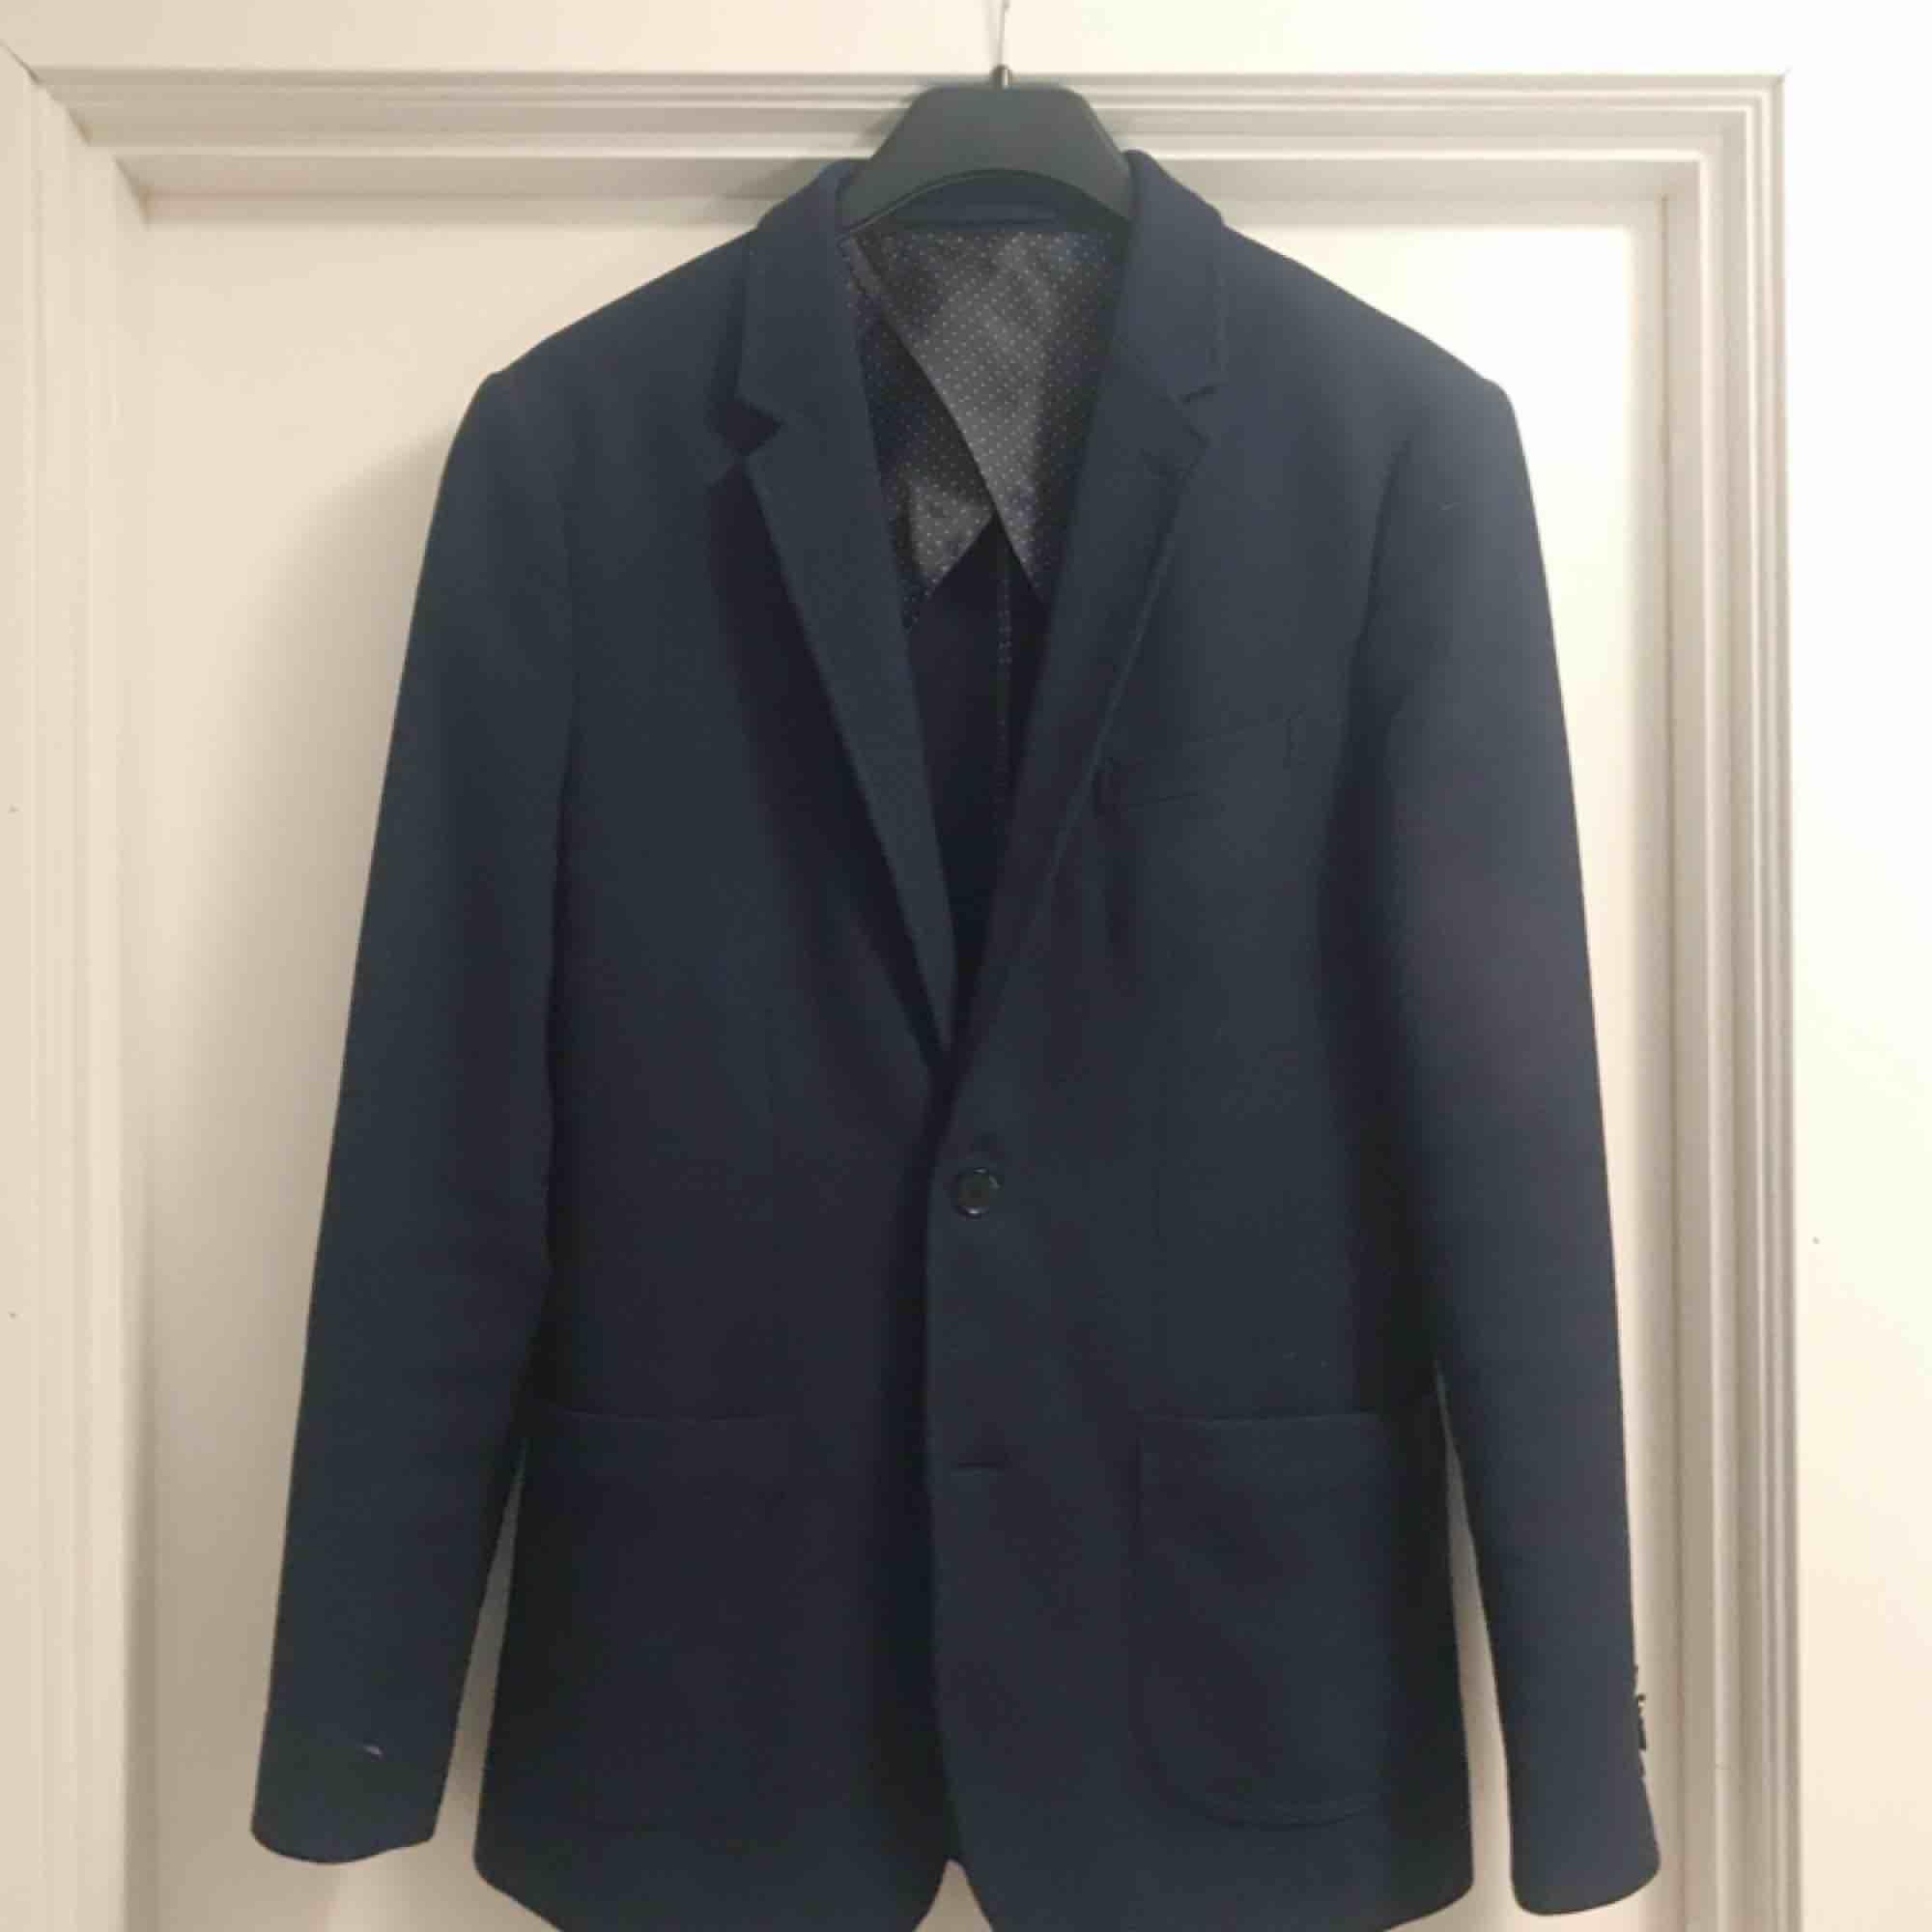 Marinblå kavaj från PREMIUM BY JACK & JONES 🌟 fint skick! Frakt på 79 kr tillkommer. Kostymer.